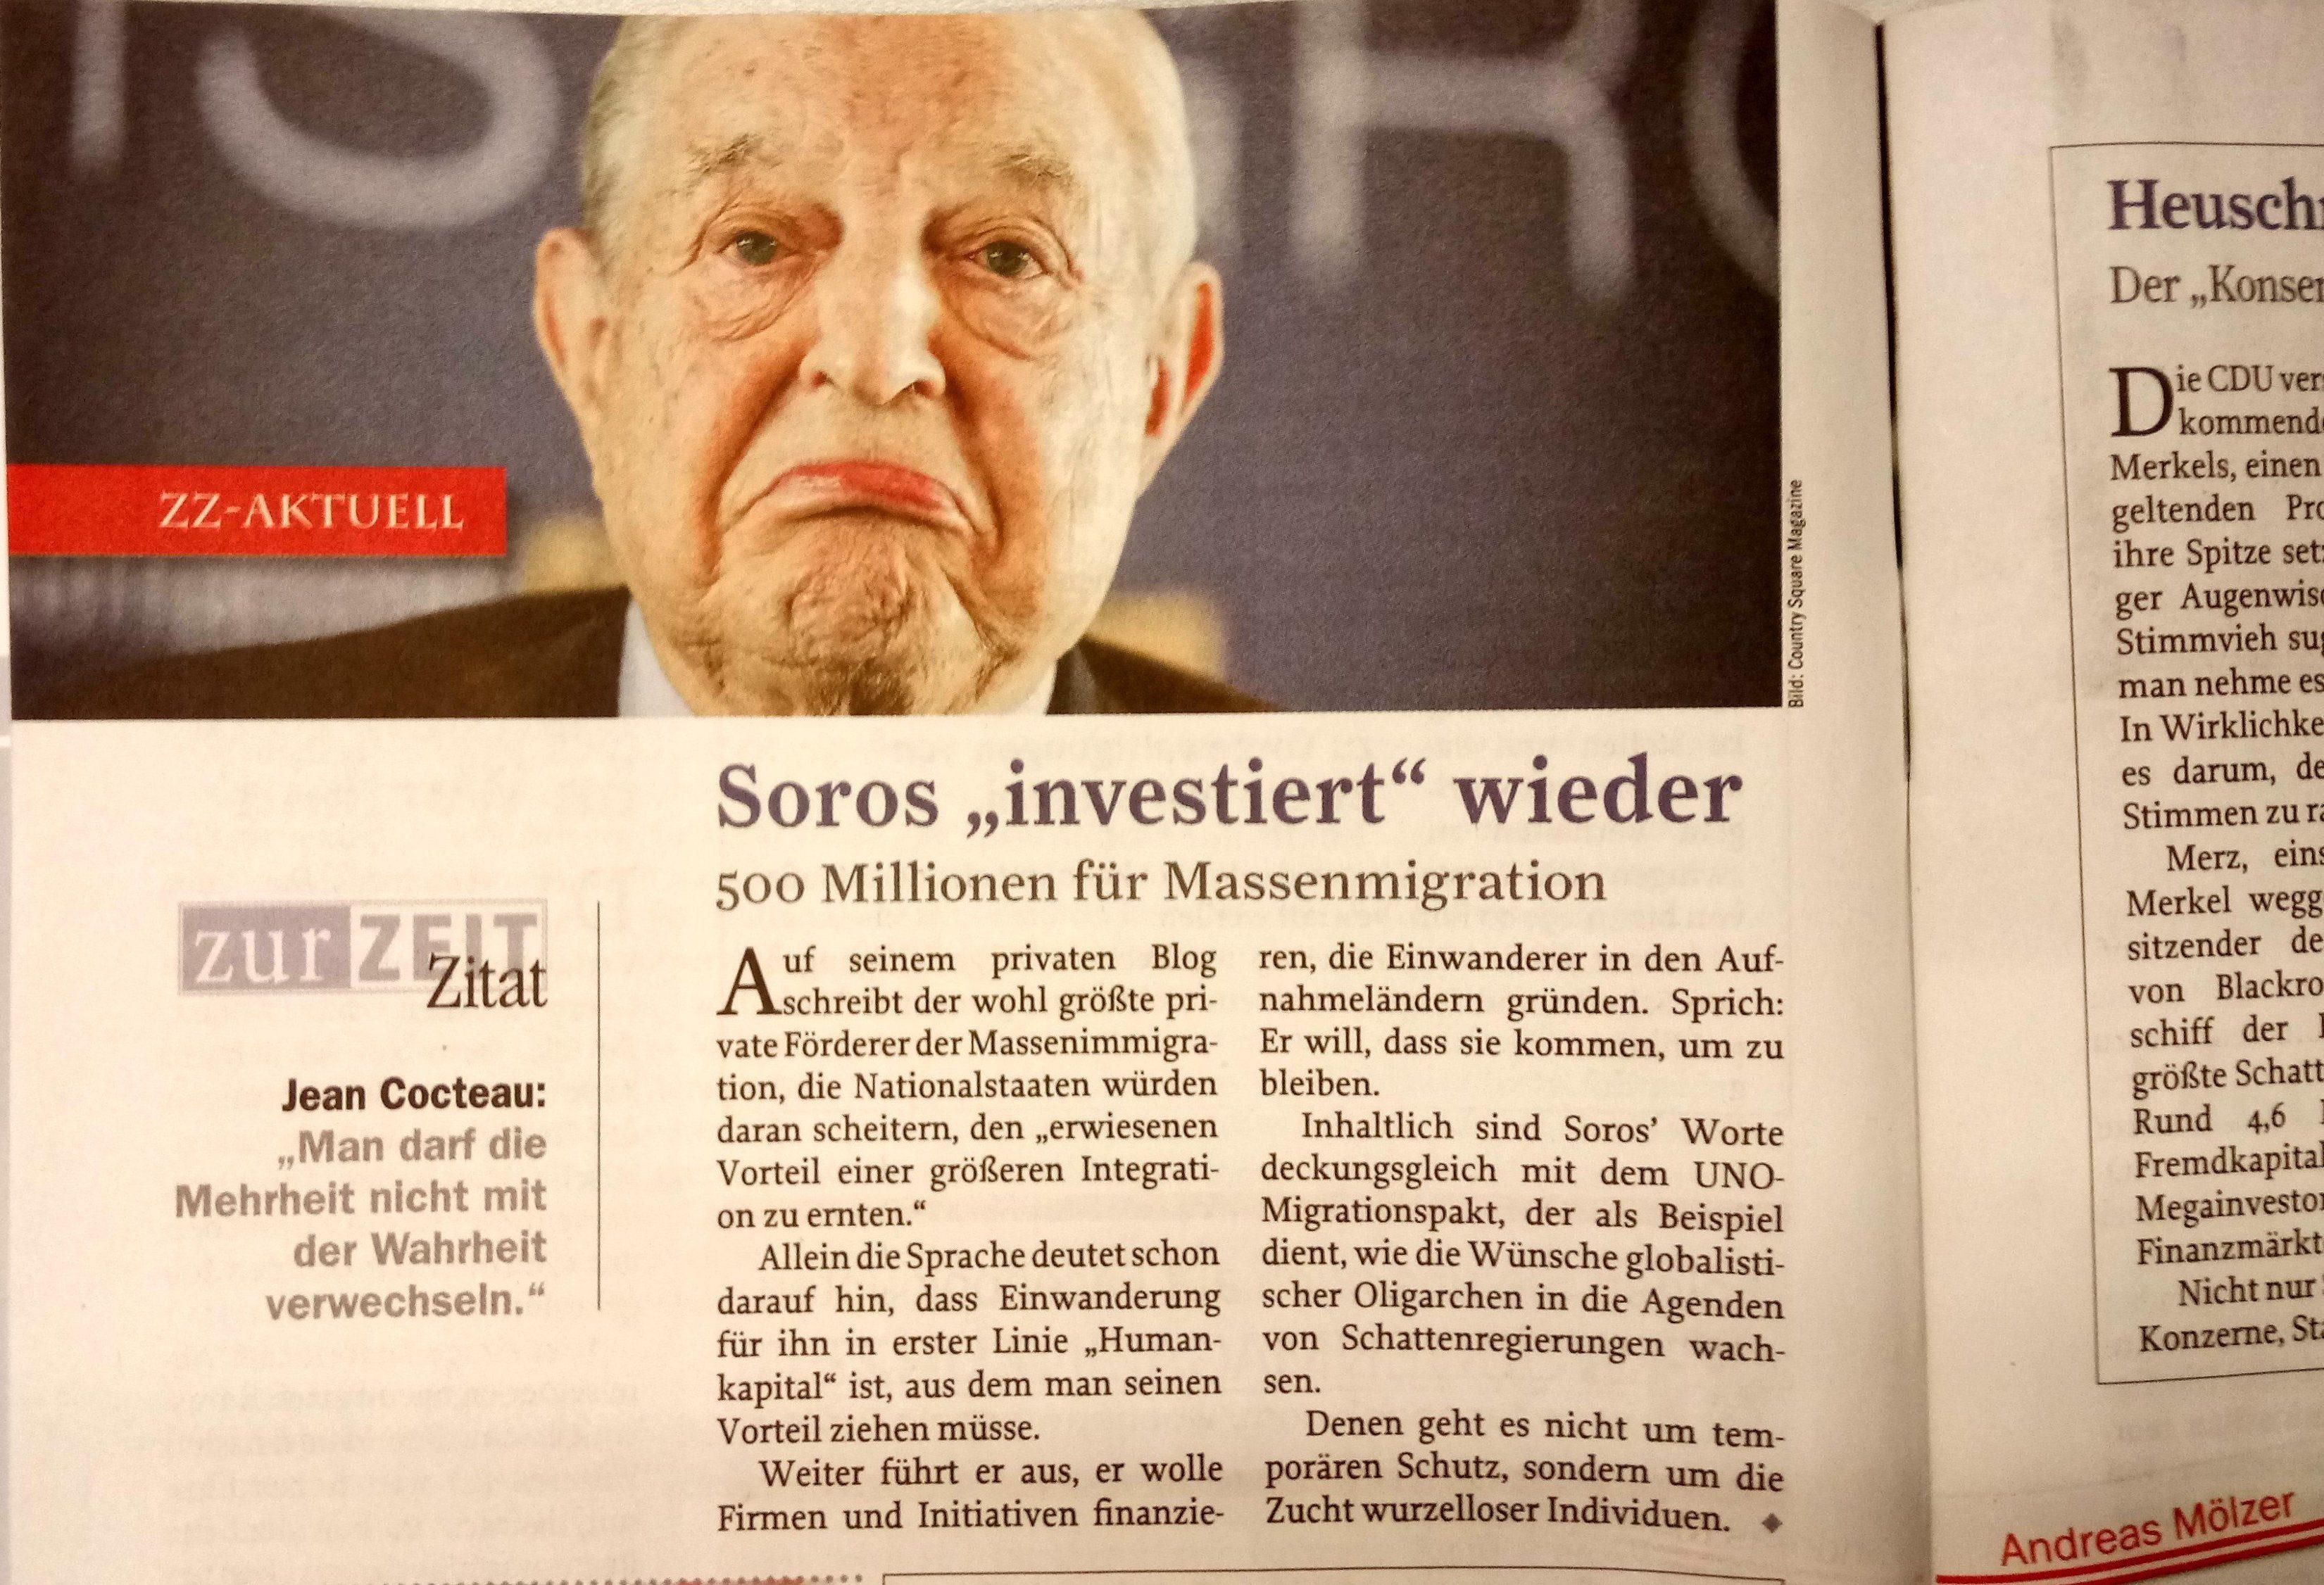 """Anti-Soros-Propaganda in """"Zur Zeit"""" Ausgabe 45/18: """"Es geht um die Zucht wurzelloser Individuen"""""""